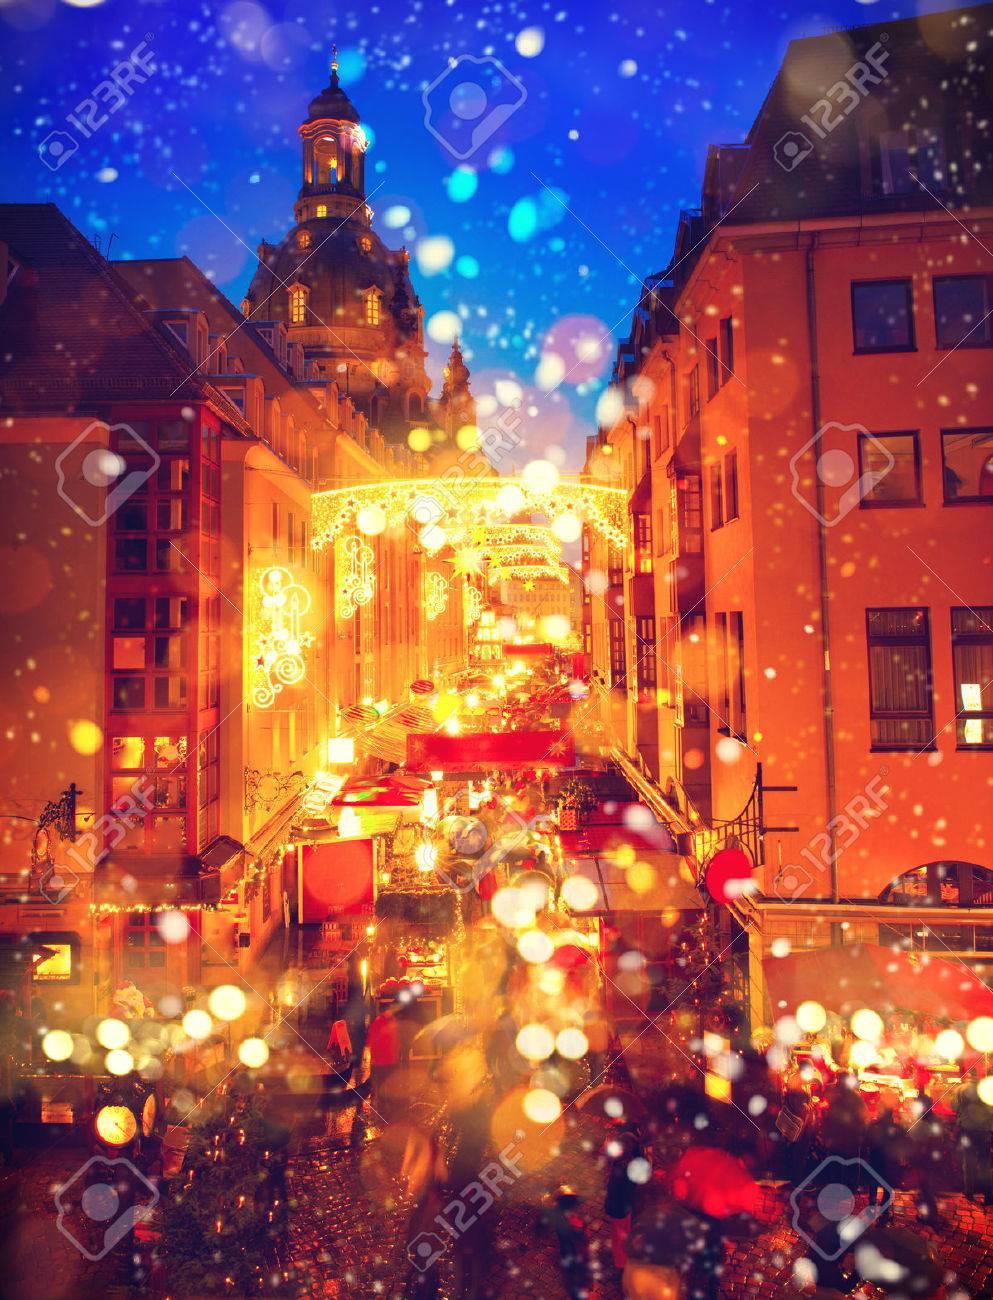 Traditioneller Weihnachtsmarkt In Einem Alten Europäischen Stadt ...